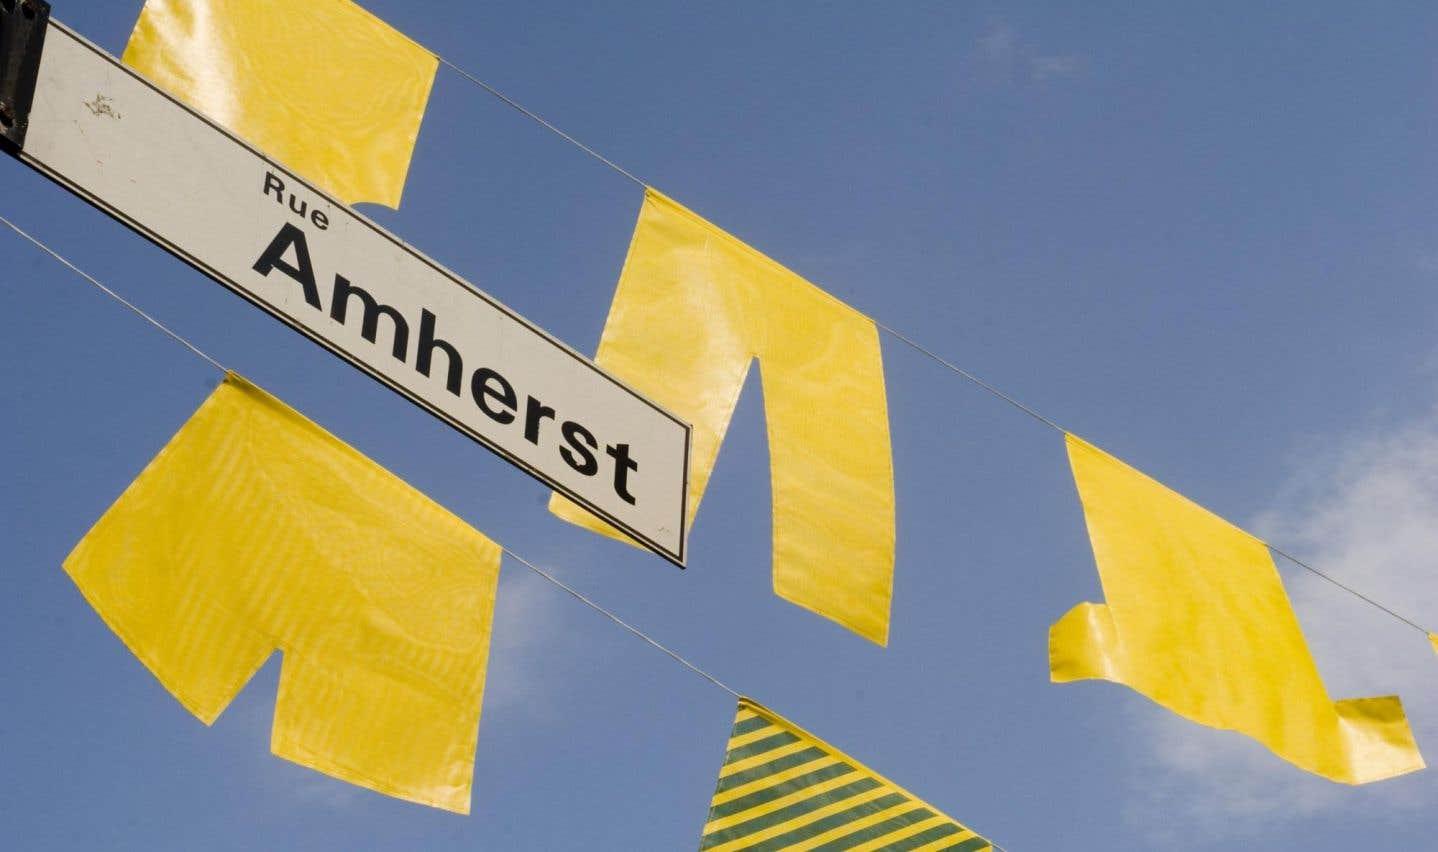 On reproche à Amherst d'avoir voulu inoculer la variole chez les Amérindiens pour les exterminer.